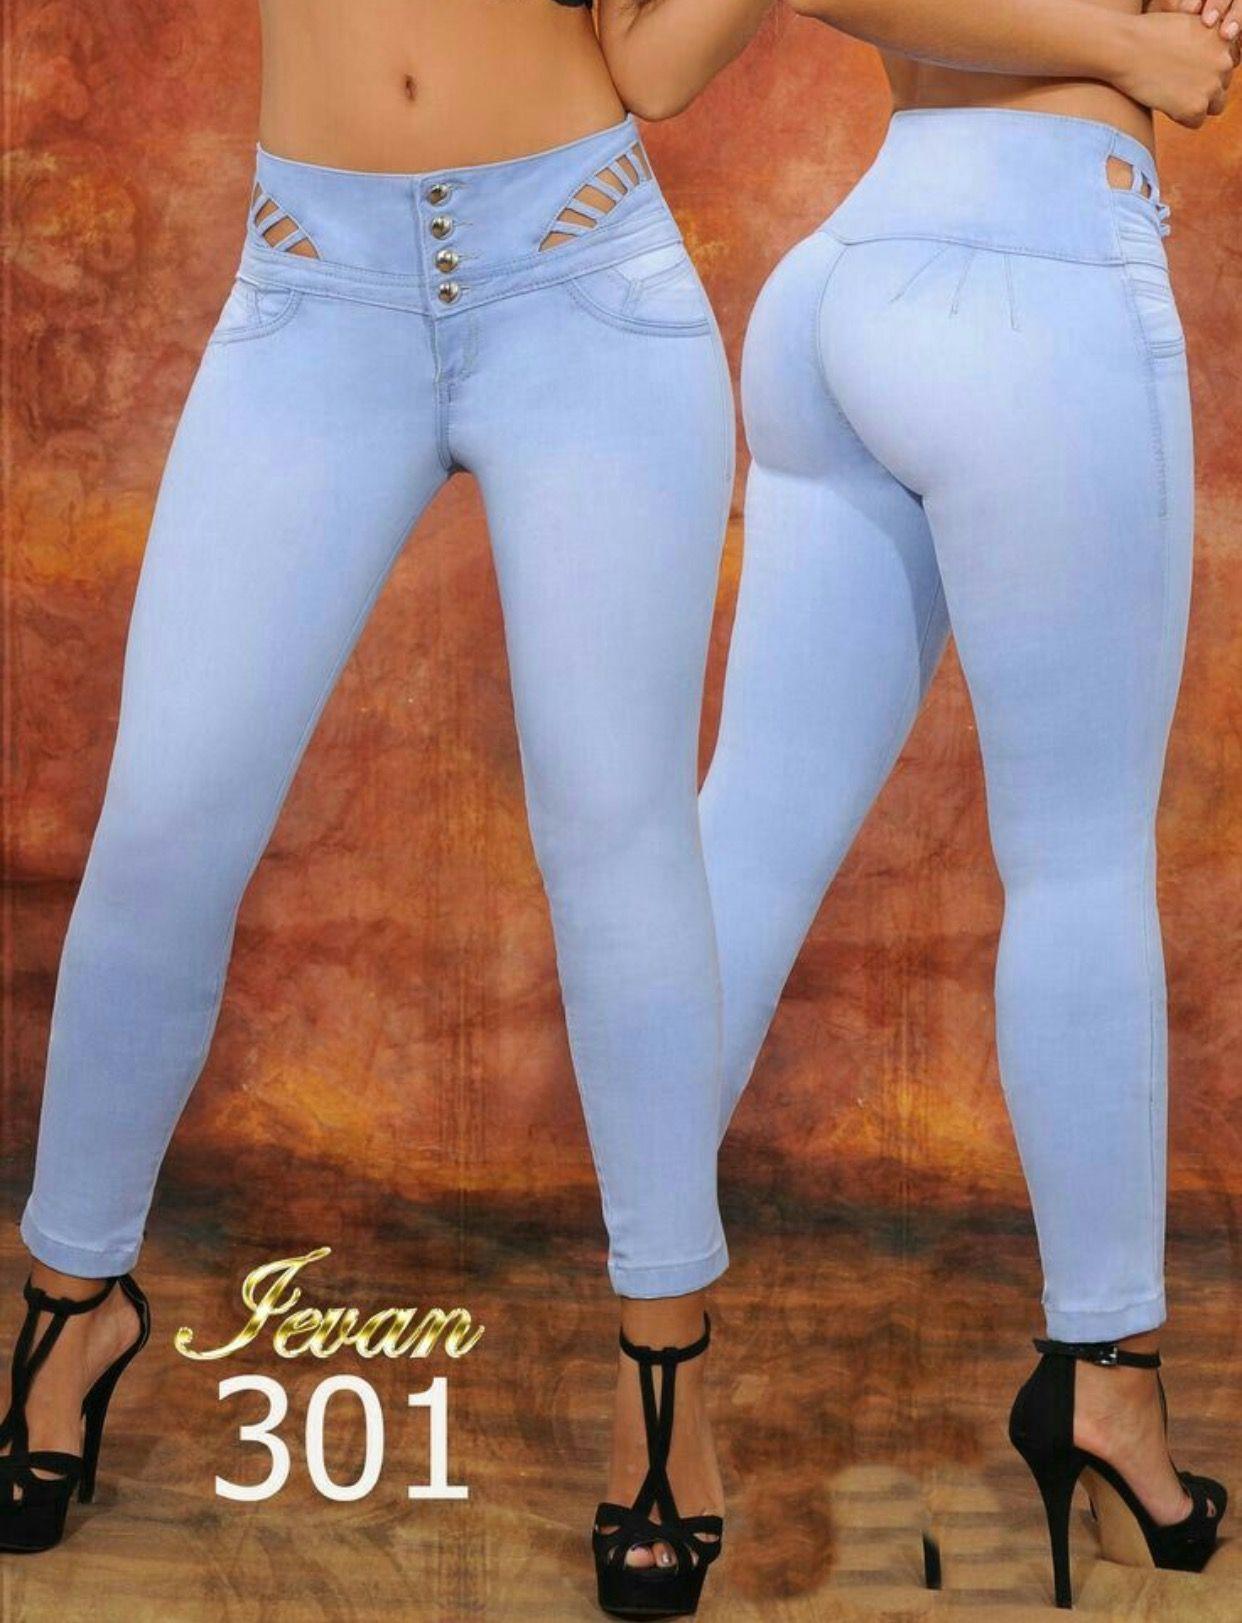 cfe0592ade Jean colombianos. Jean colombianos Pantalones De ...